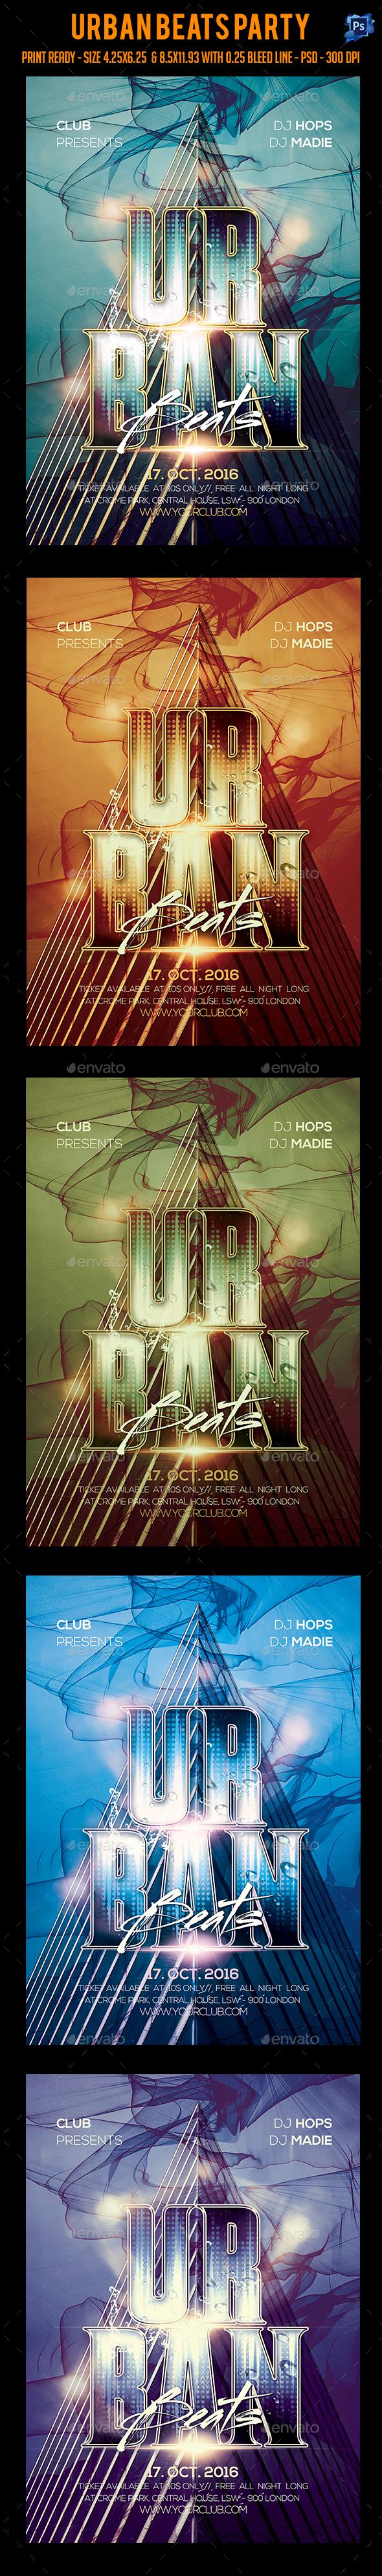 Urban Beats Party Flyer